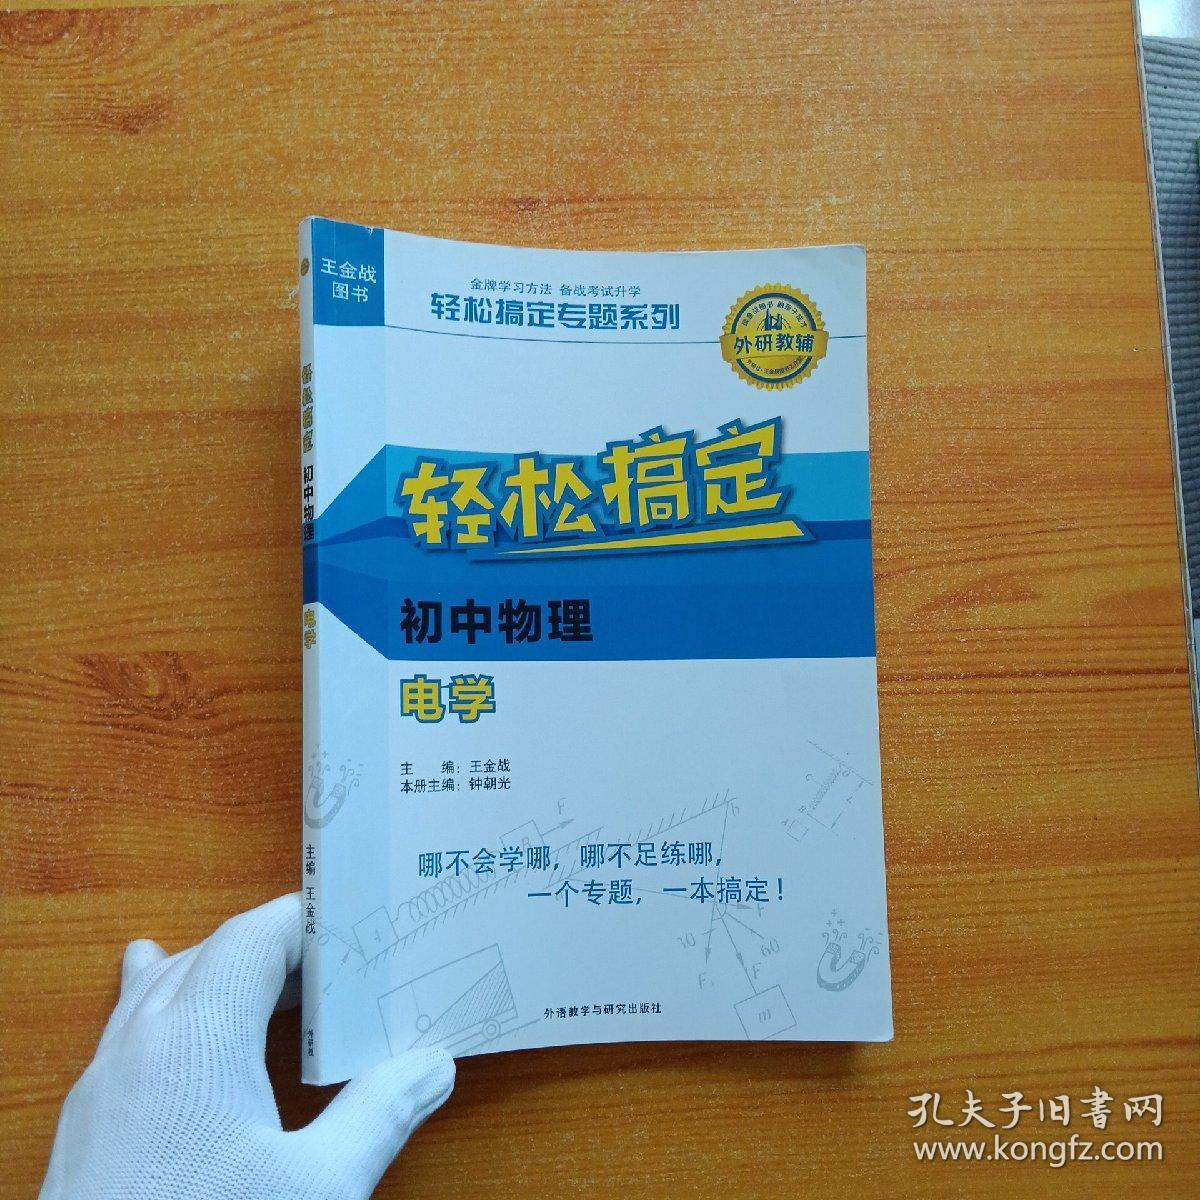 王金战搞定专题系列:轻松搞定初中物理电学【书内有少量字迹】